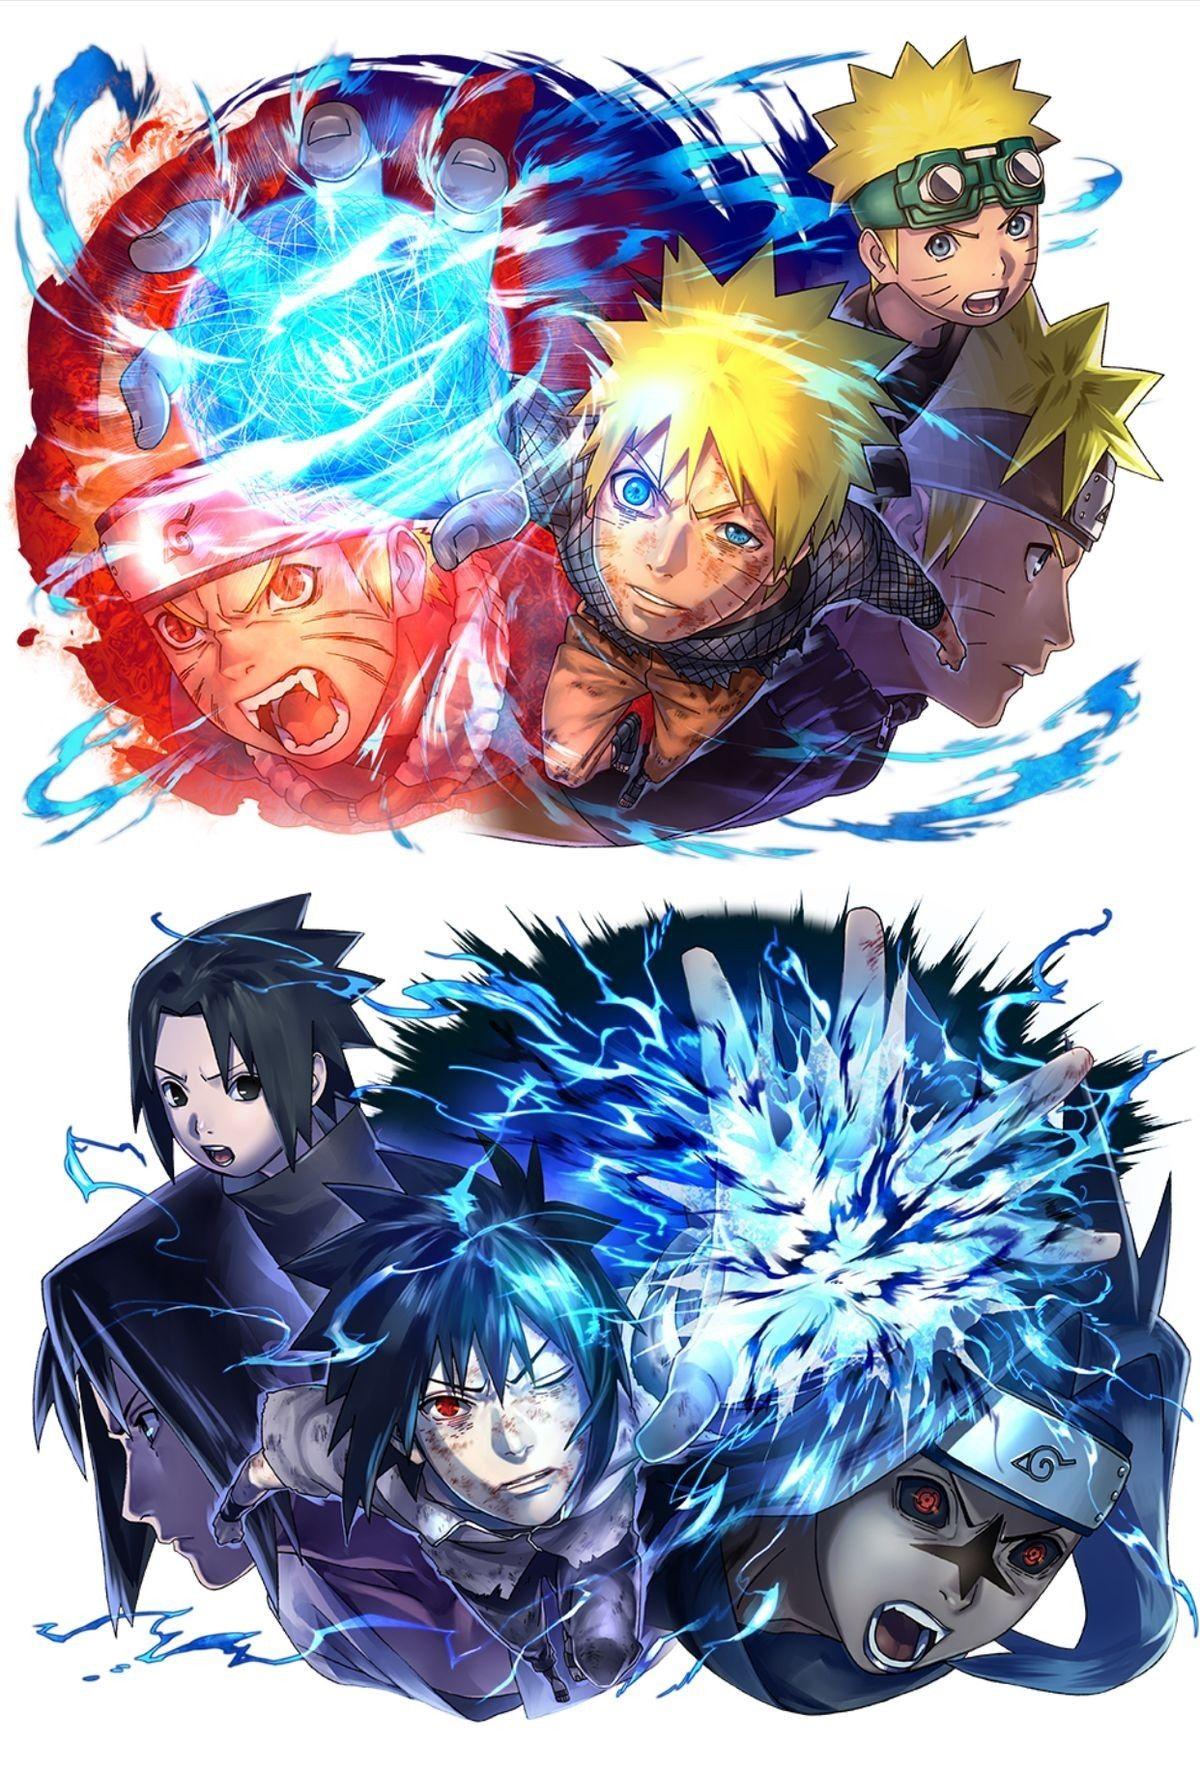 Naruto Sasuke Naruto Vs Sasuke Anime Naruto Naruto Minato